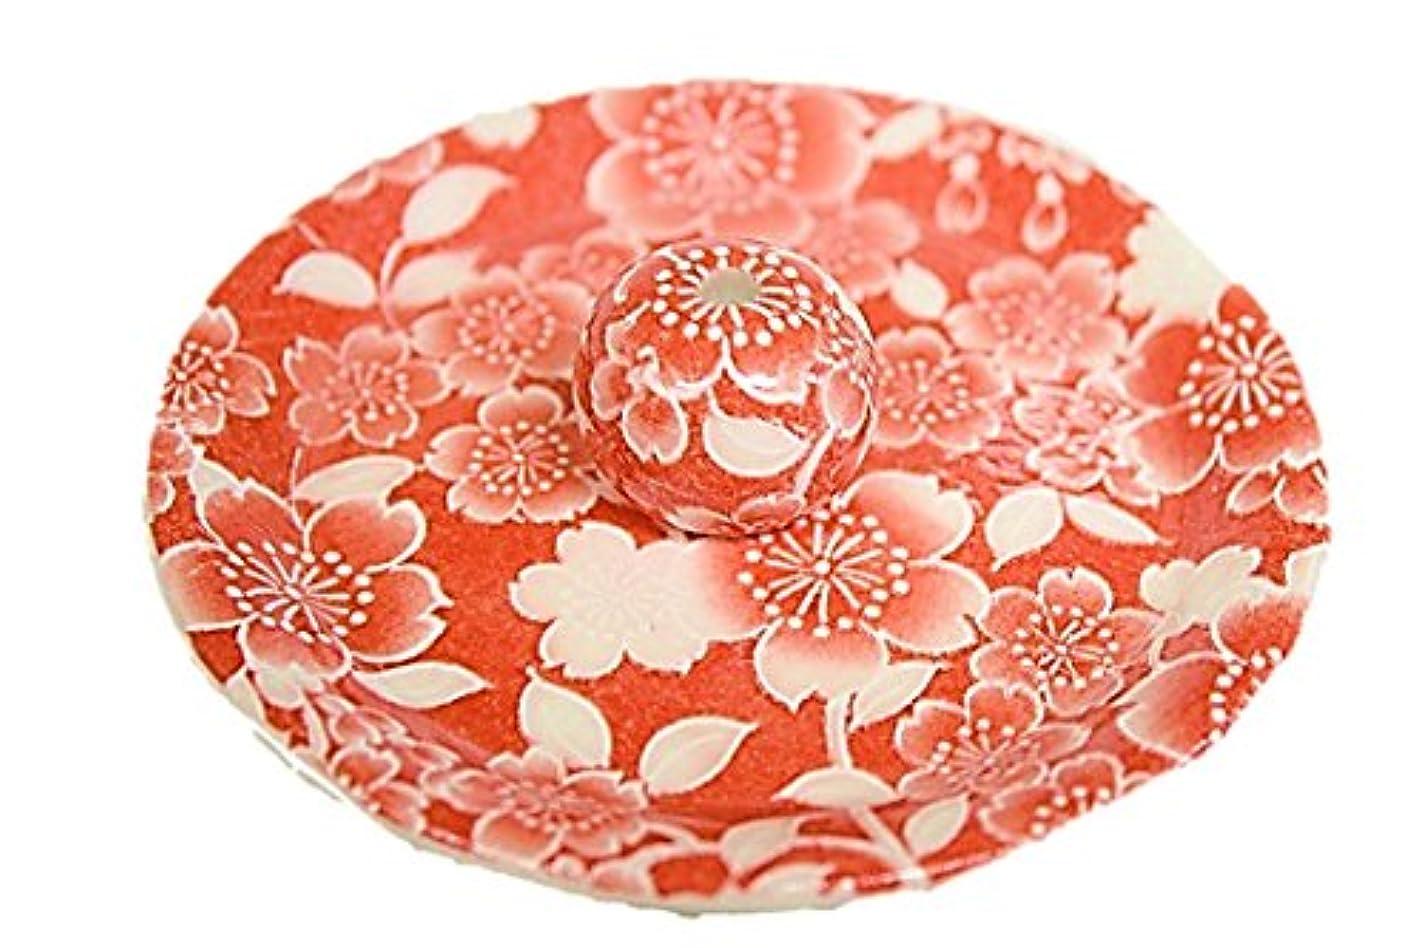 抜け目のない処理する飽和する9-27 桜友禅 赤 9cm香皿 お香立て お香たて 陶器 日本製 製造 直売